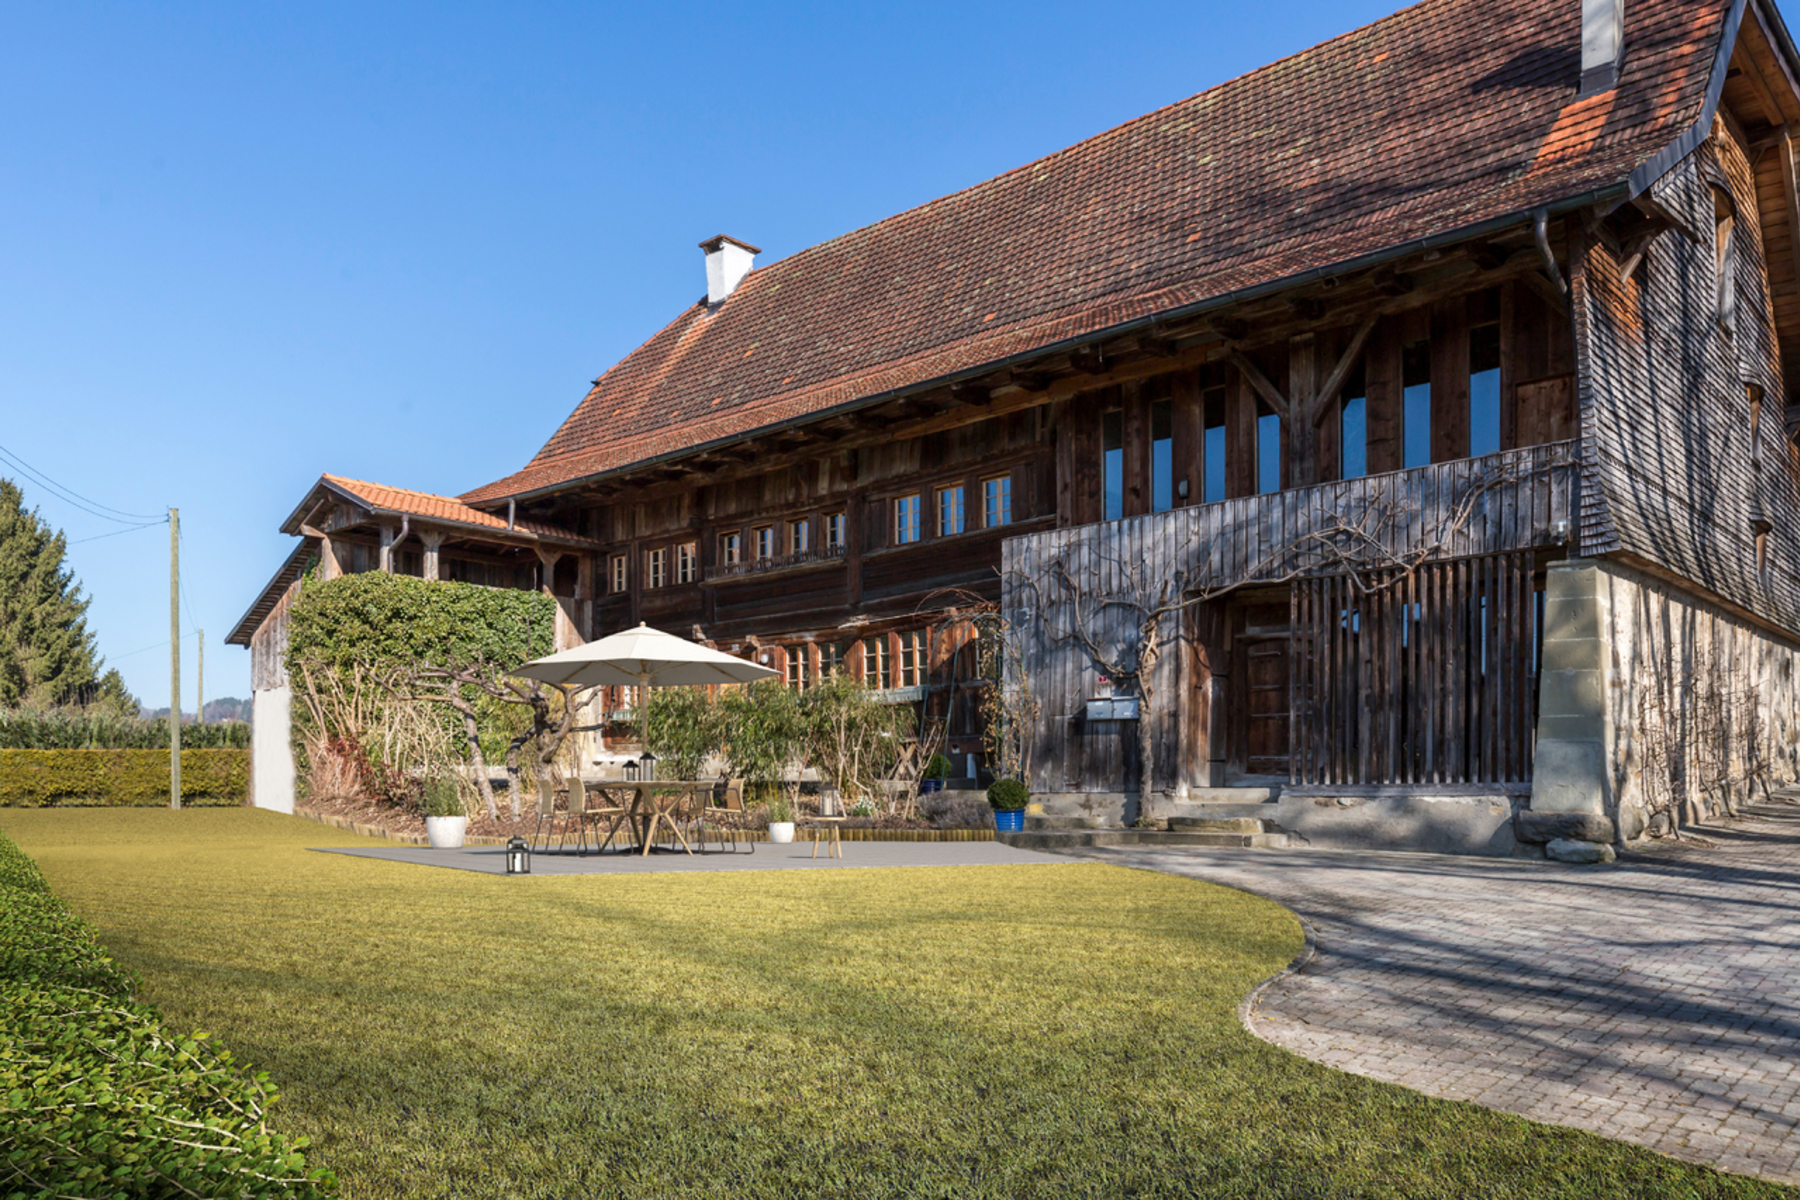 農場/牧場 / プランテーション のために 売買 アット Authentic 17th century Gruyères farmouse comprising three apartments La Roche FR Other Switzerland, スイスのその他の地域, 1634 スイス